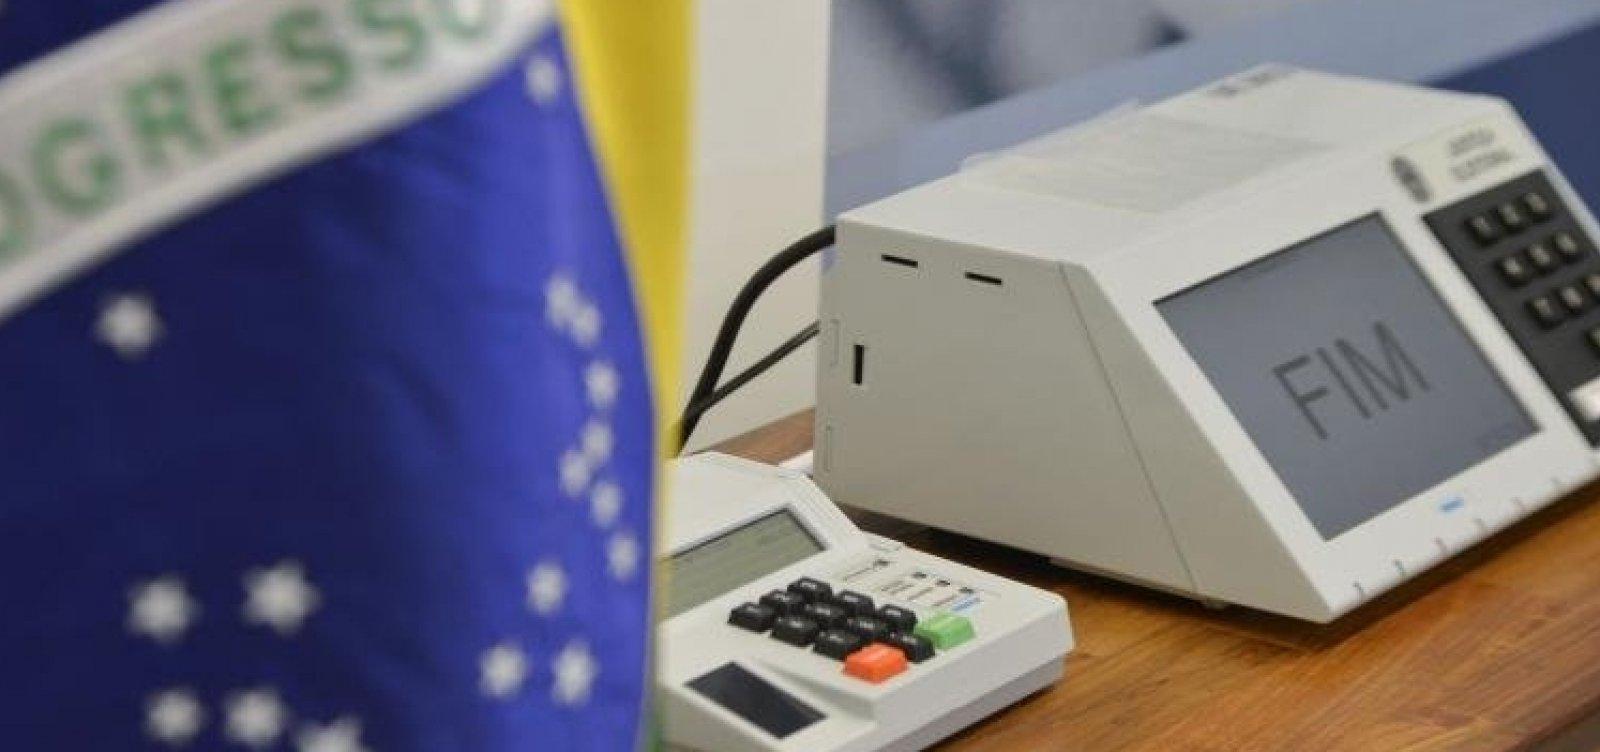 [Datafolha aponta que 69% dos brasileiros aprovam a democracia]